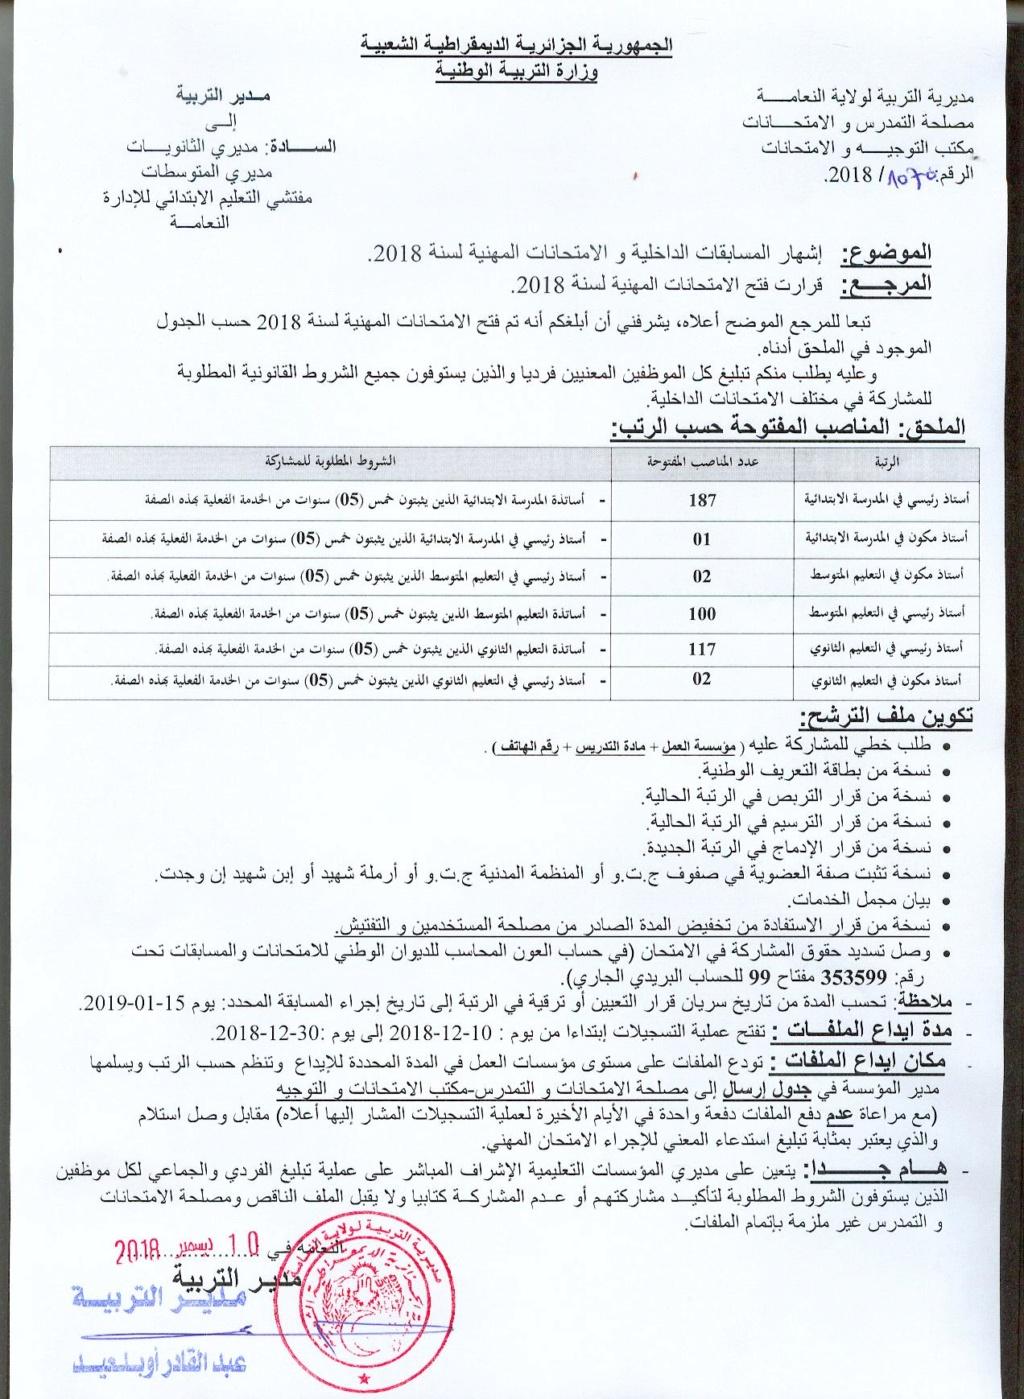 الامتحانات الداخلية 2018 Aa_210